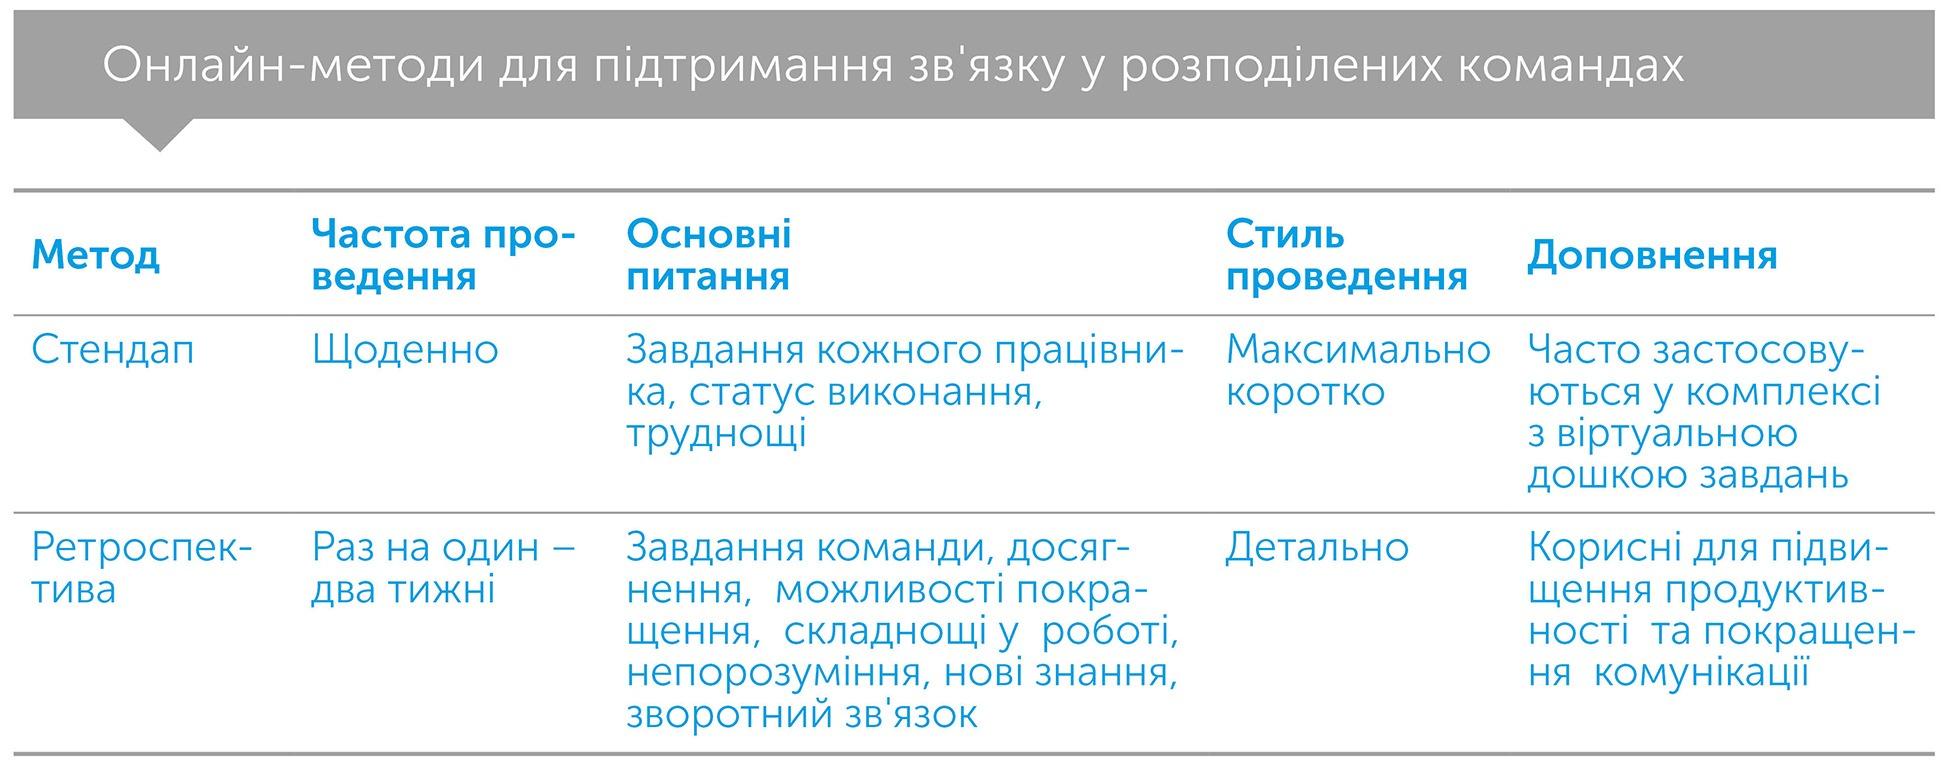 Разом і де завгодно. Інструкція з успішної віддаленої роботи для працівників, керівників і команд, автор Лізетт Сазерленд | Kyivstar Business Hub, зображення №5